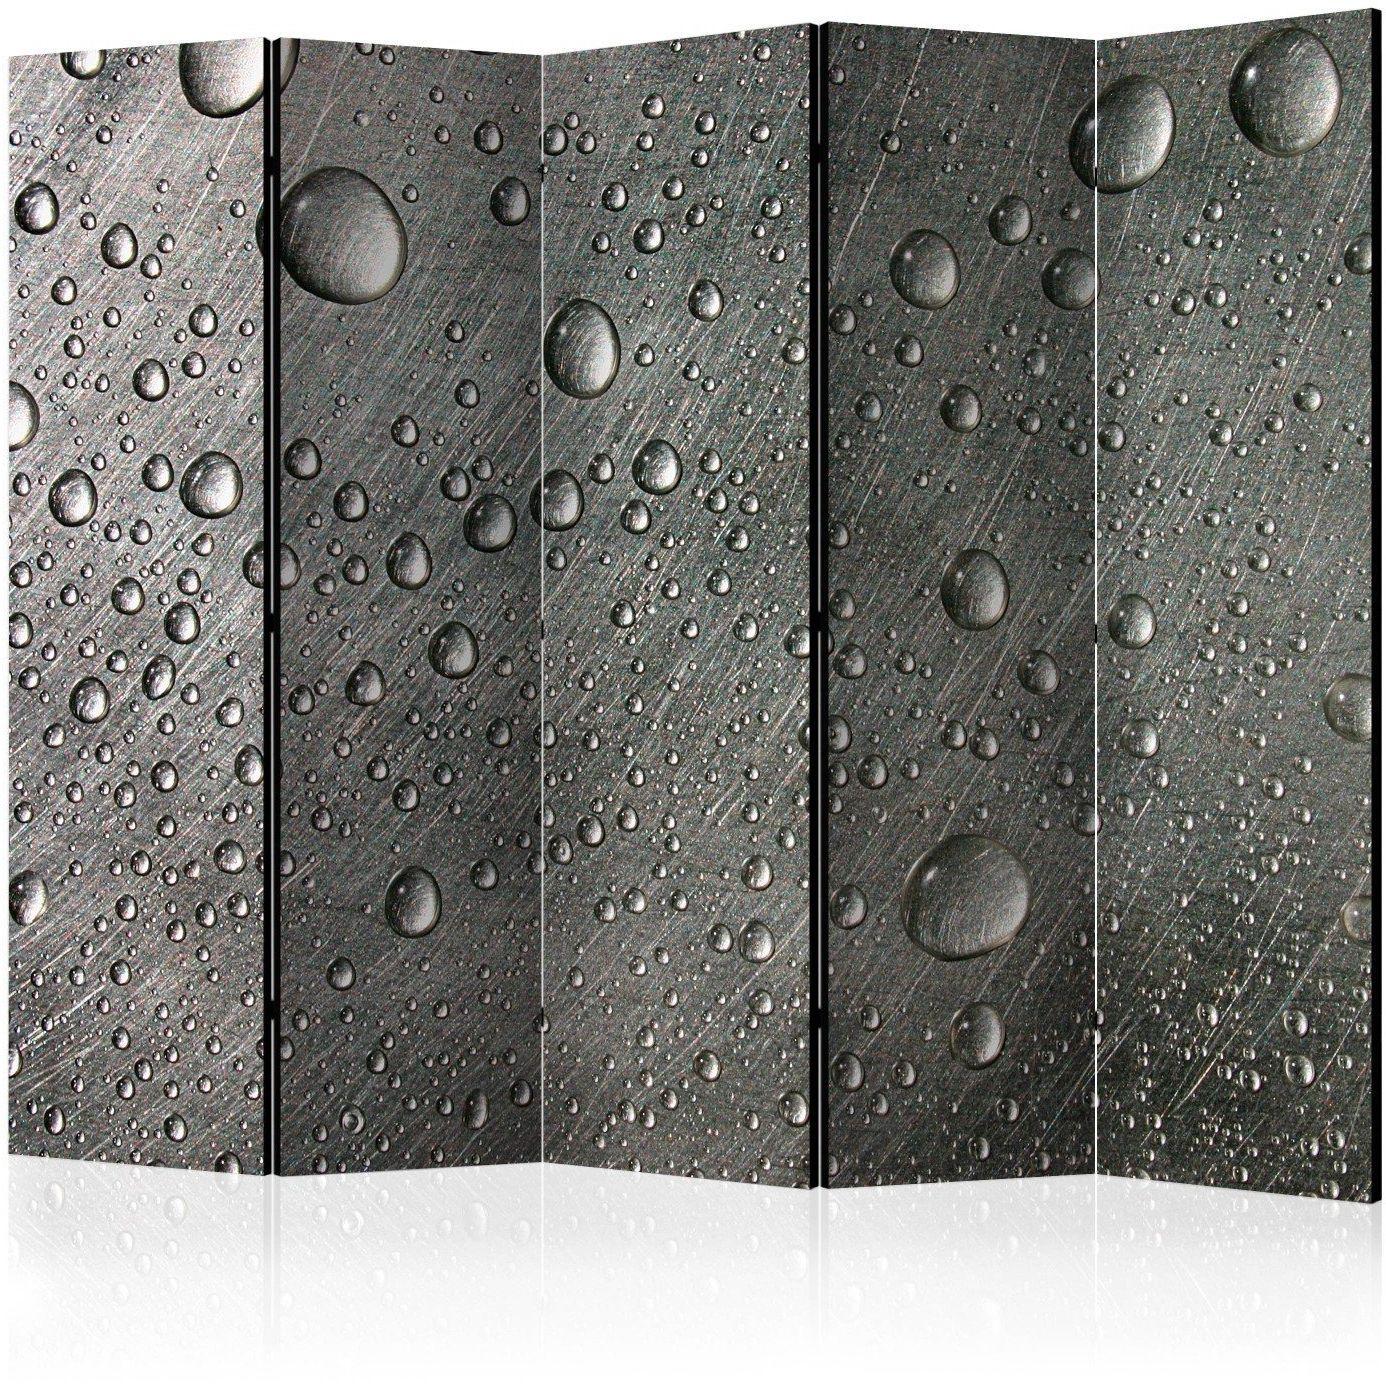 Parawan 5-częściowy - stalowa powierzchnia z kroplami wody ii [room dividers]